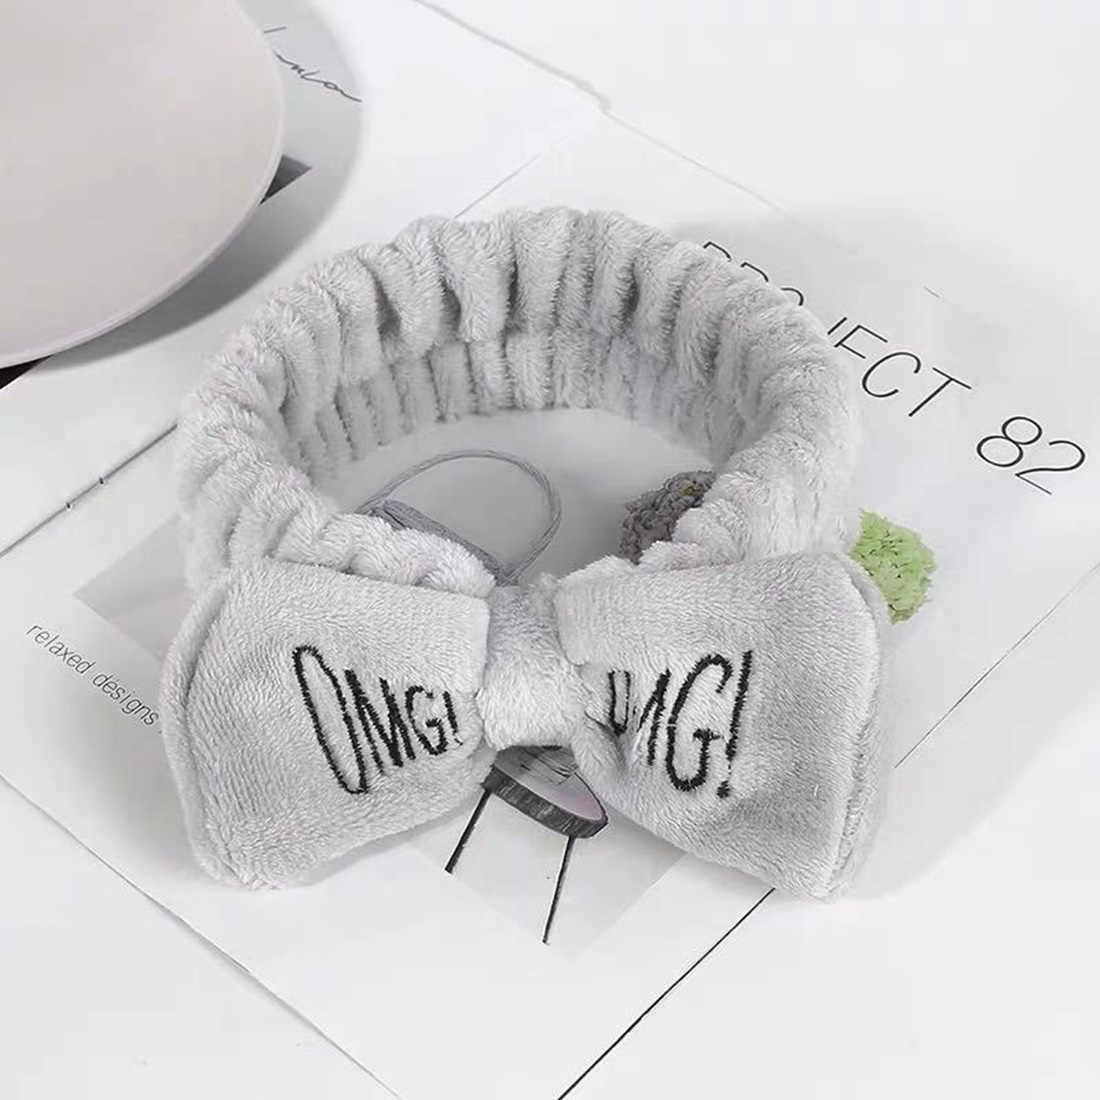 Nuevo OMG carta de terciopelo de Coral de arco de pelo de moda suave lavado de cara maquillaje máscara Yoga chica Bandana para el pelo tocado